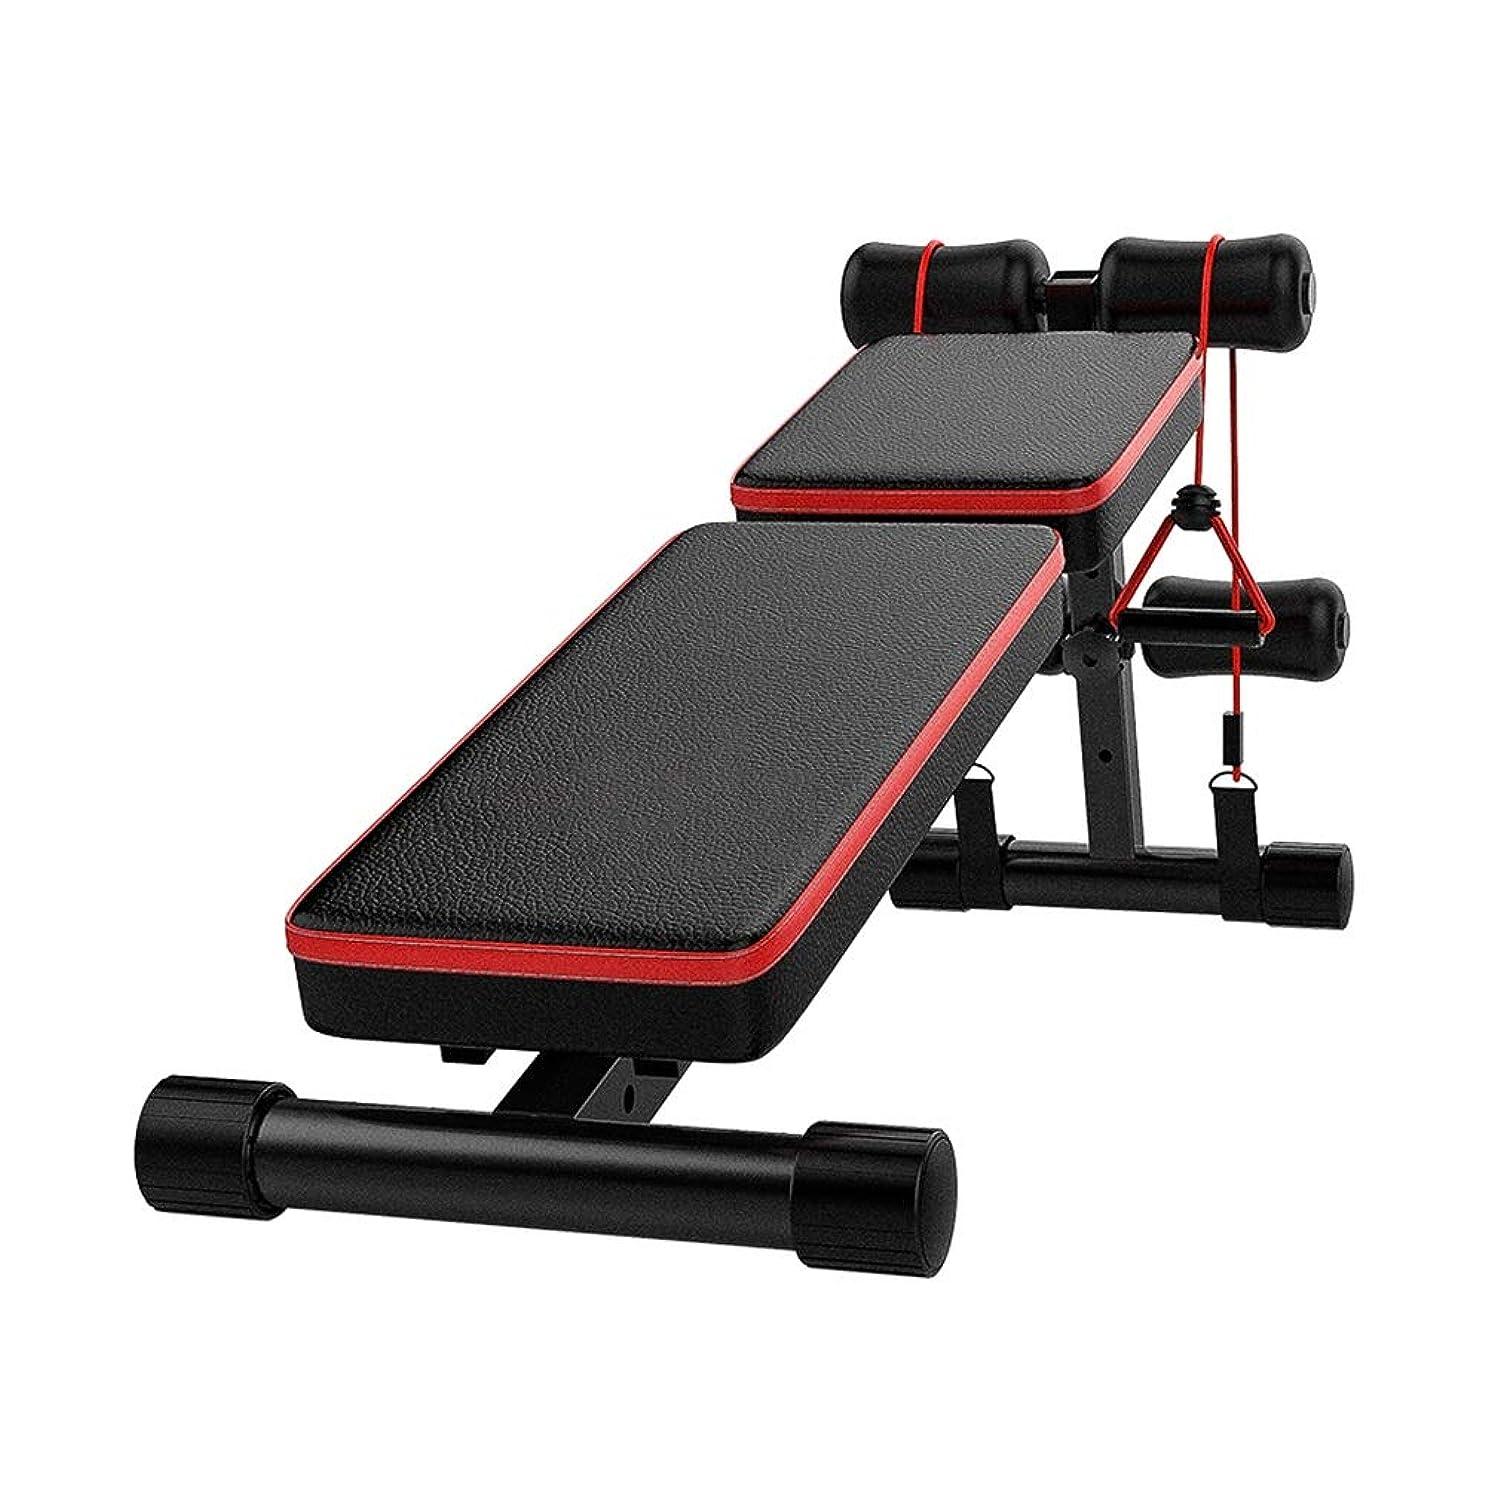 欠席恨みきらめくDUXX ダンベルベンチ、腹筋補助フィットネス機器ホーム多機能仰臥位ボード腹筋ベンチプレス トレーニングベンチ